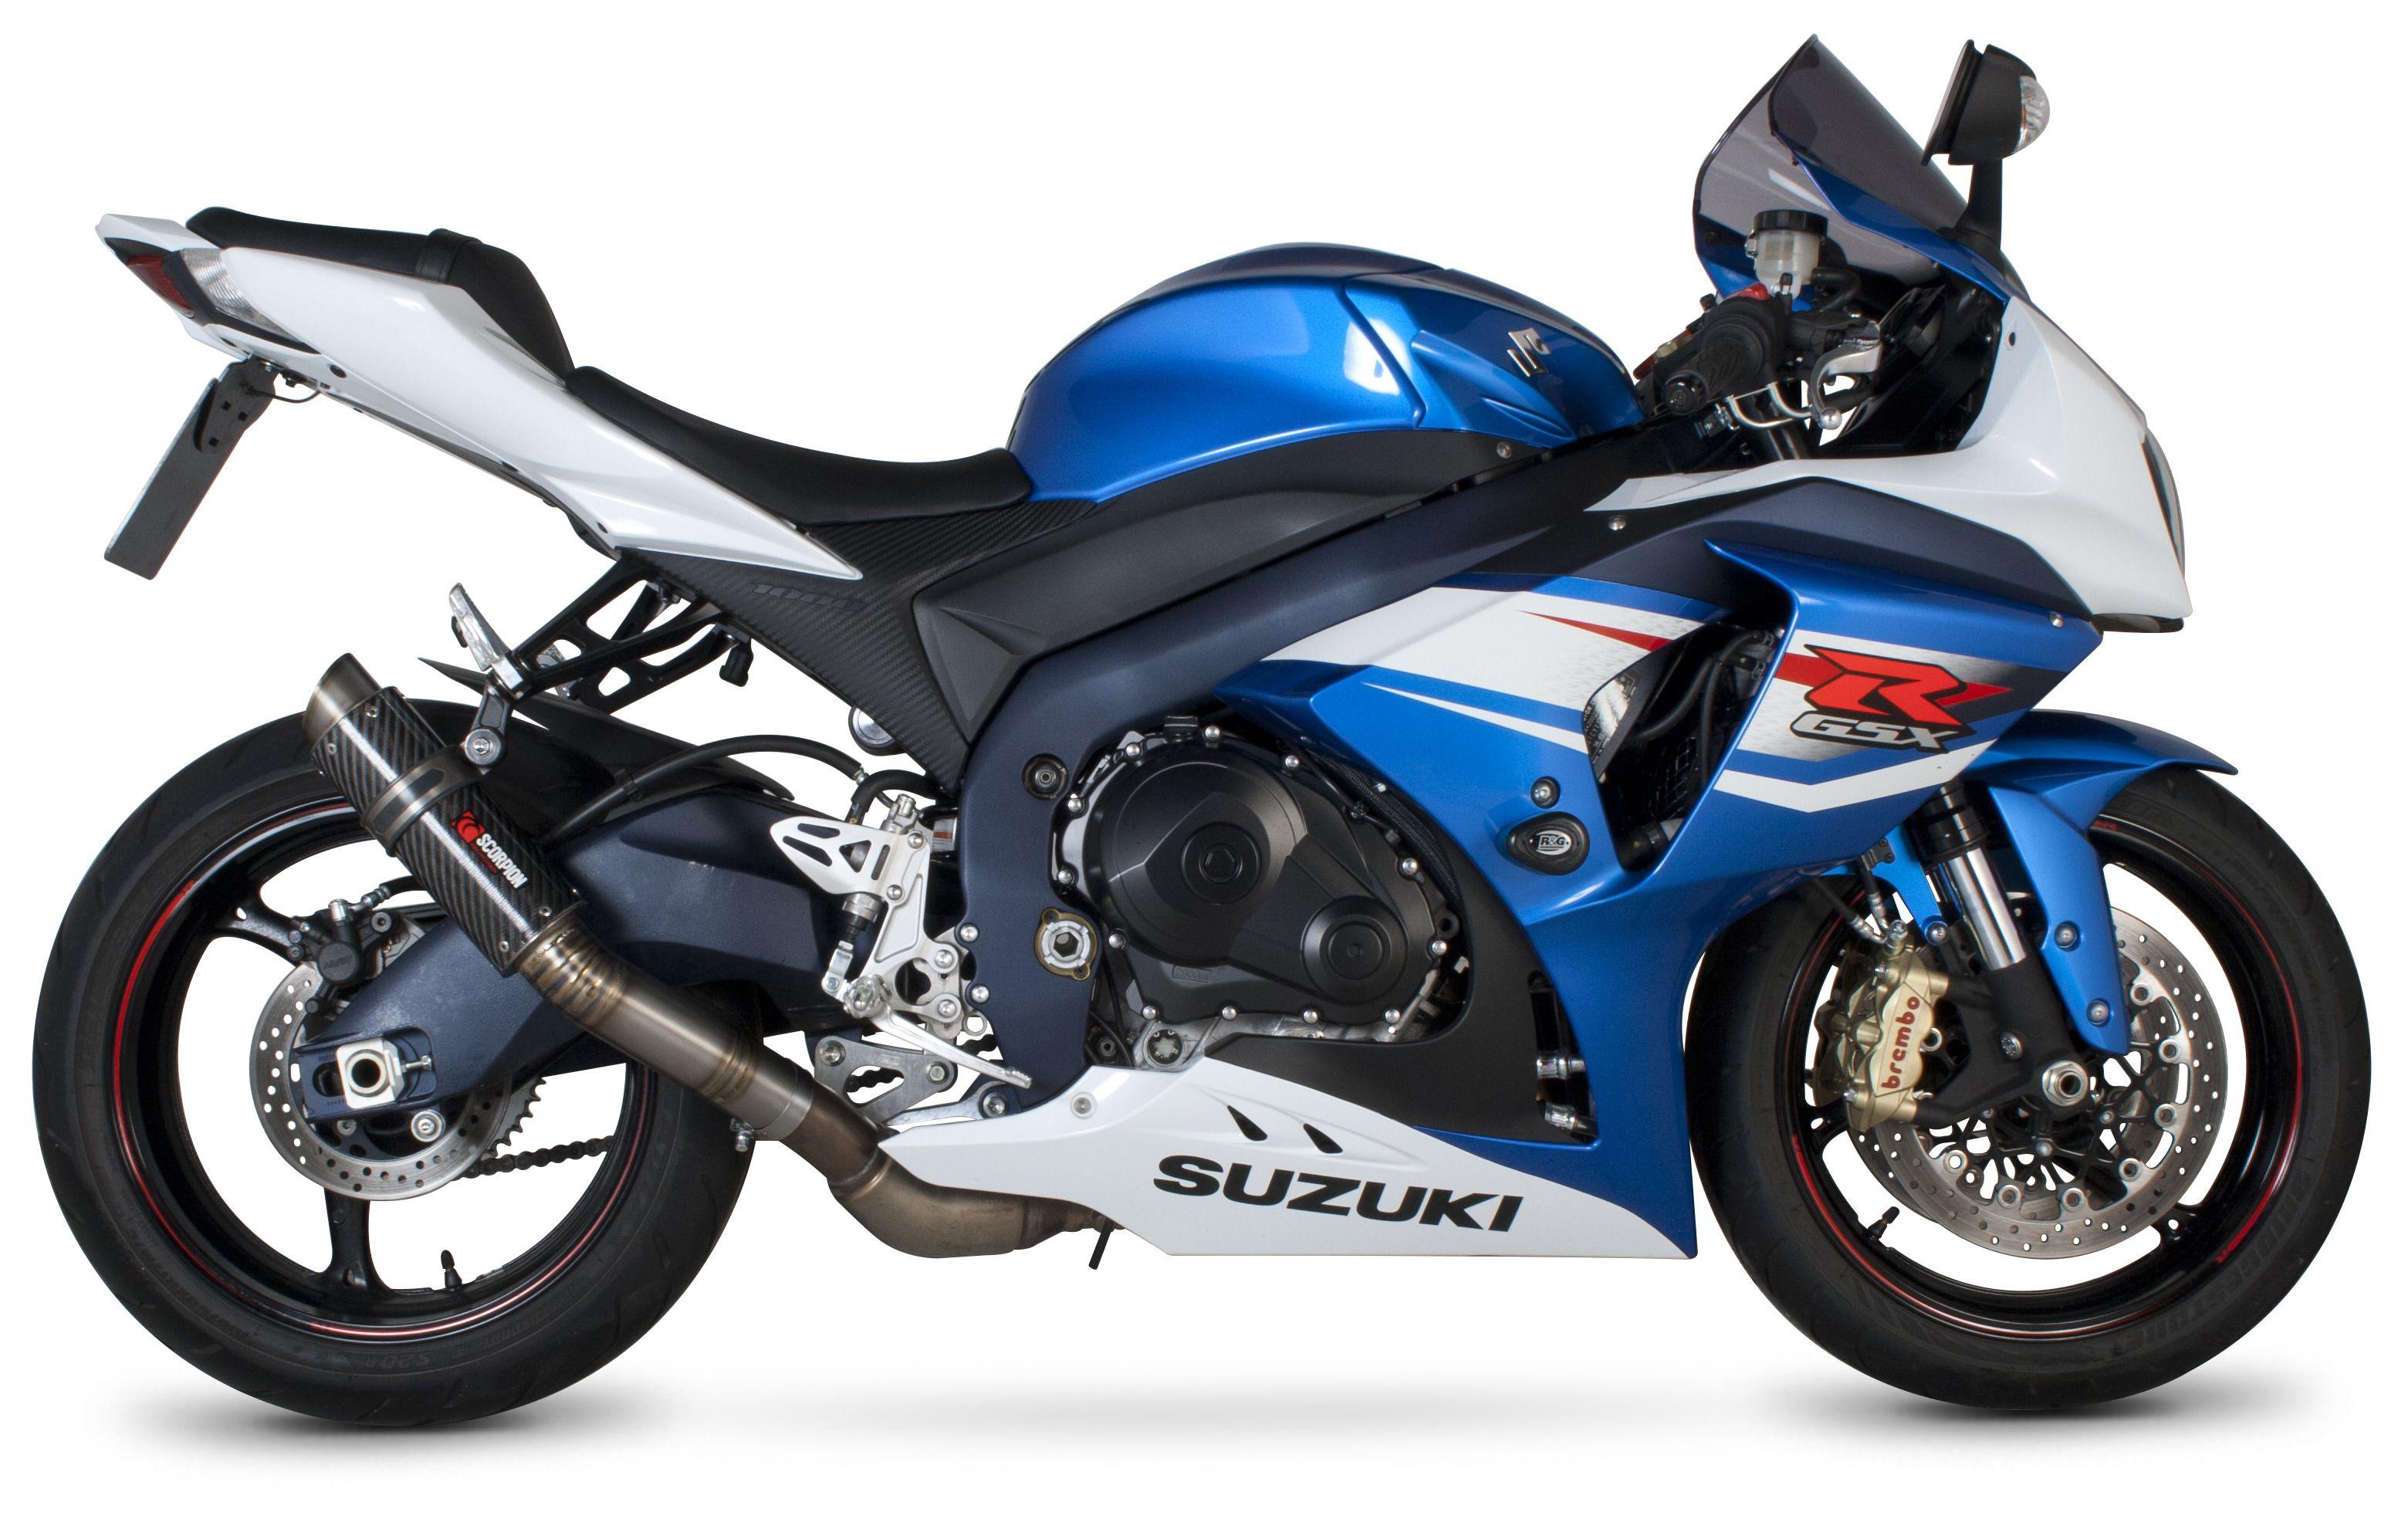 scorpion rp-1 gp series slip-on exhaust suzuki gsxr 1000 2012-2016